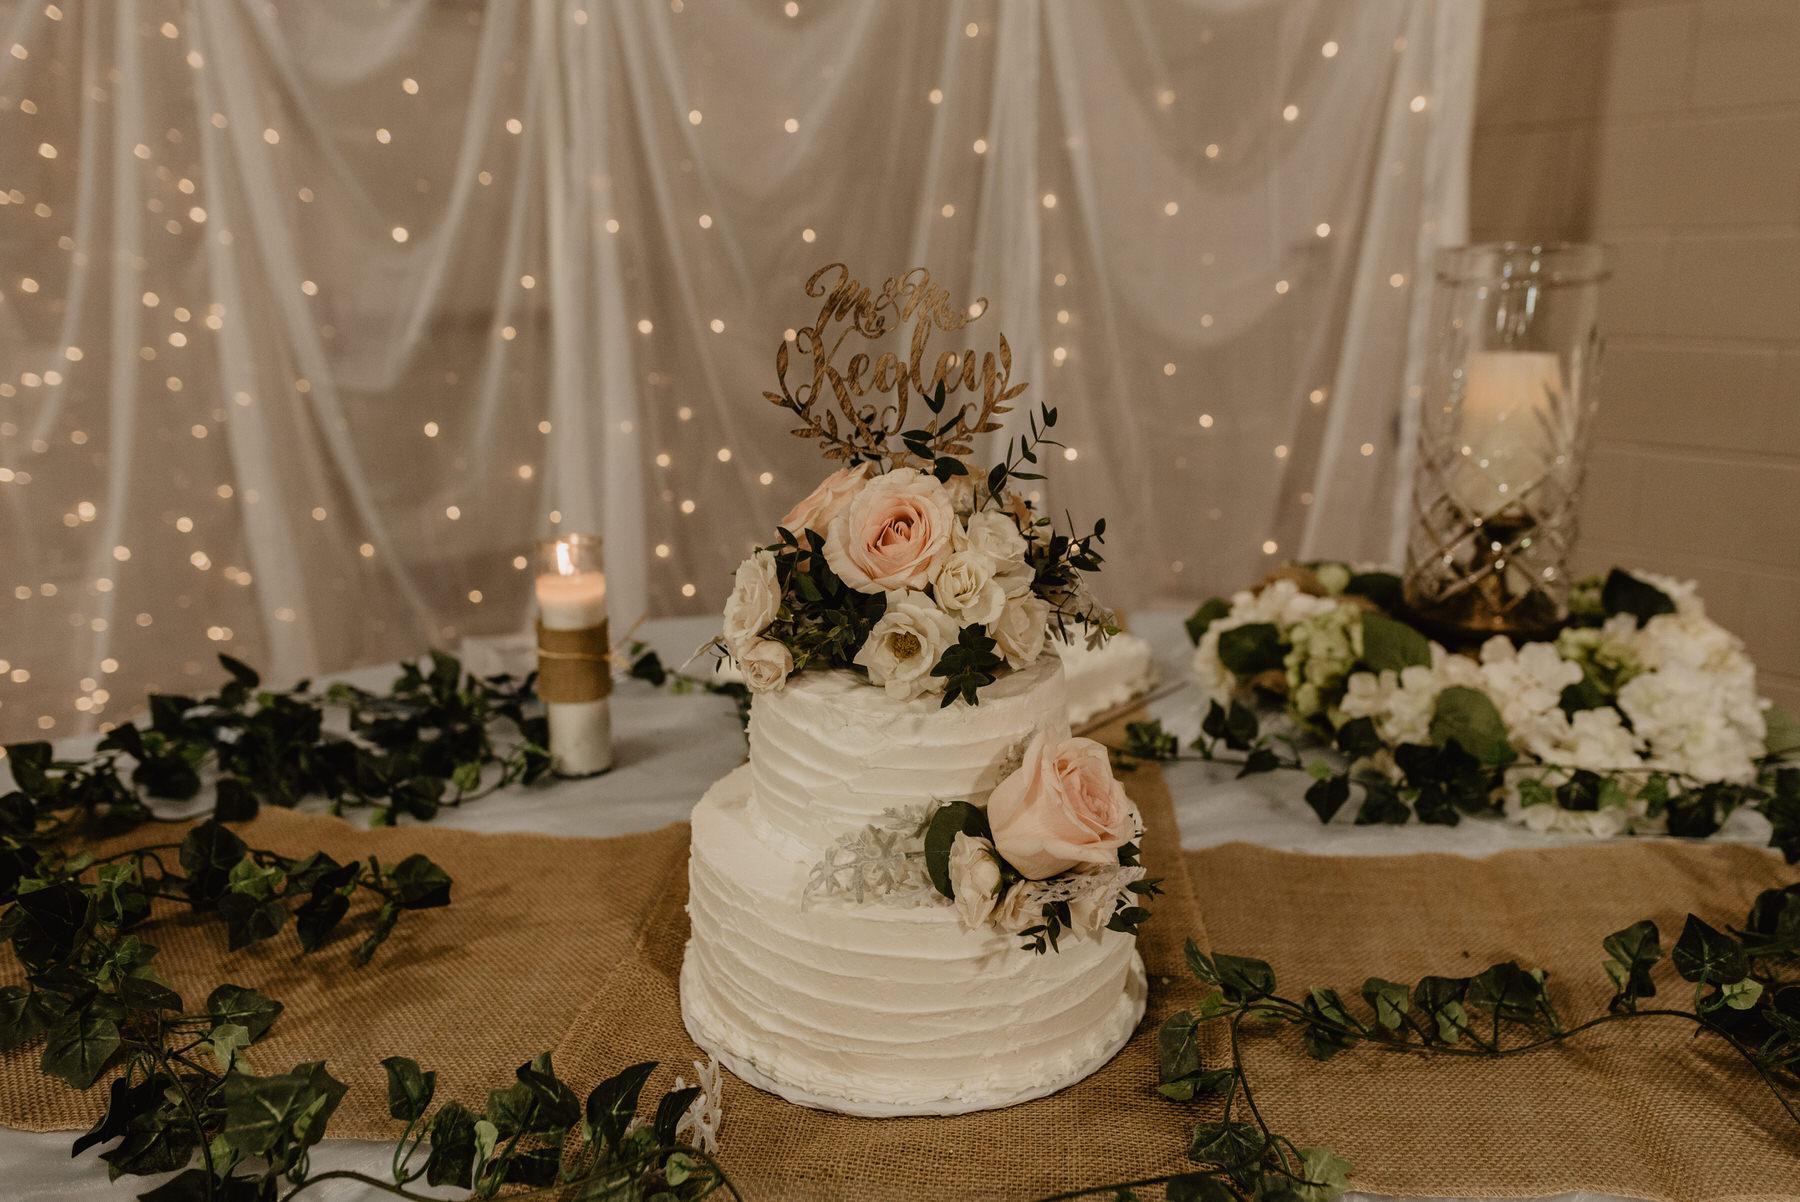 Kaylie-Sirek-Photography-Kearney-Nebraska-Wedding-098.jpg